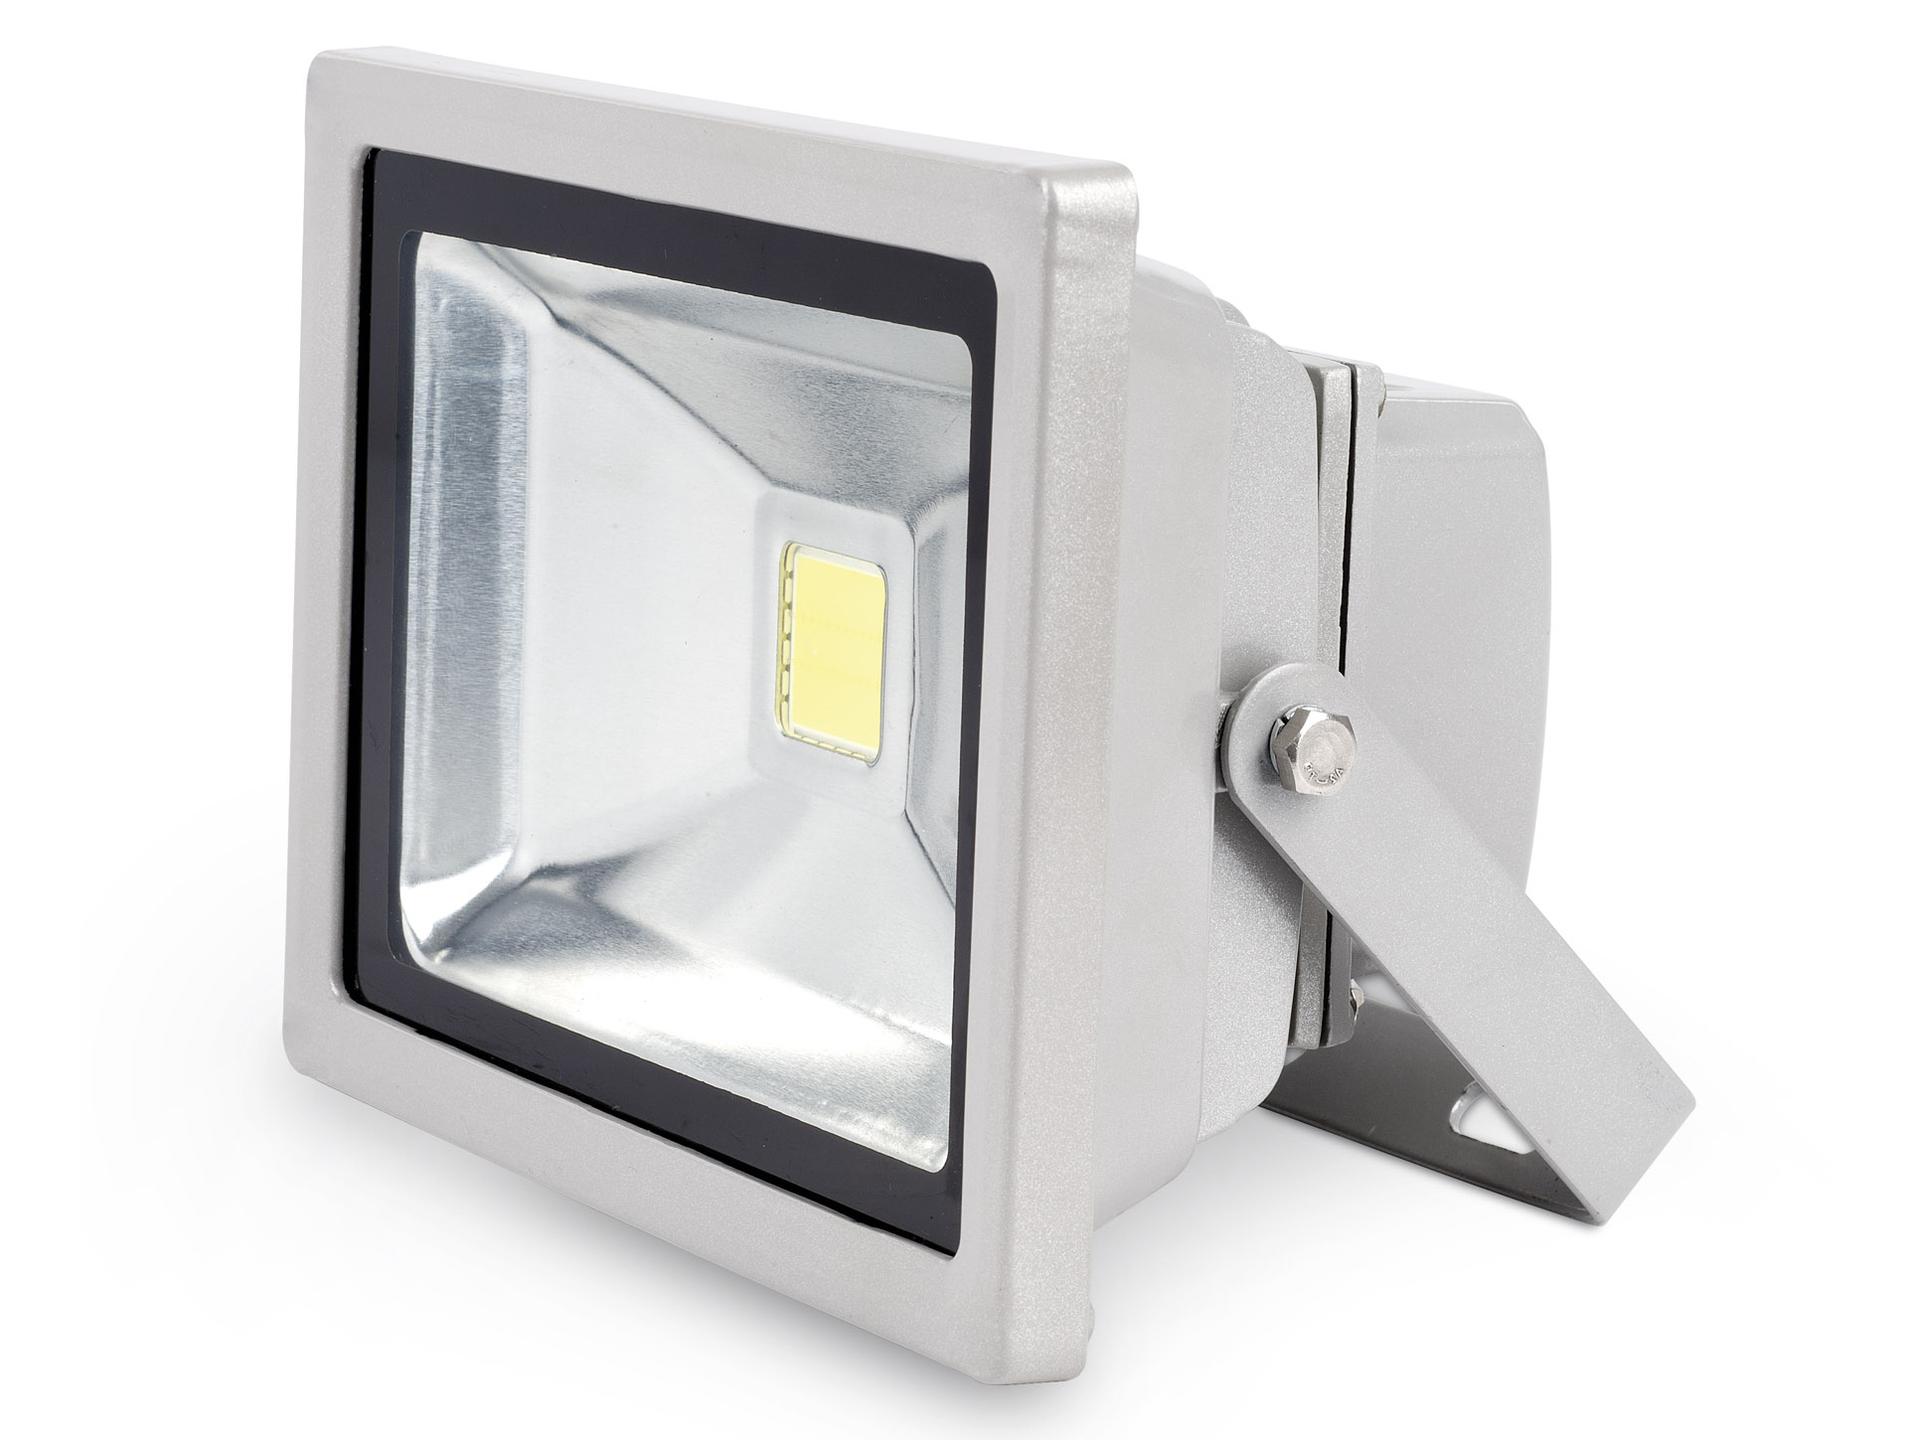 Powerplus POWLI230 LED straler 20W grijs | Hubo